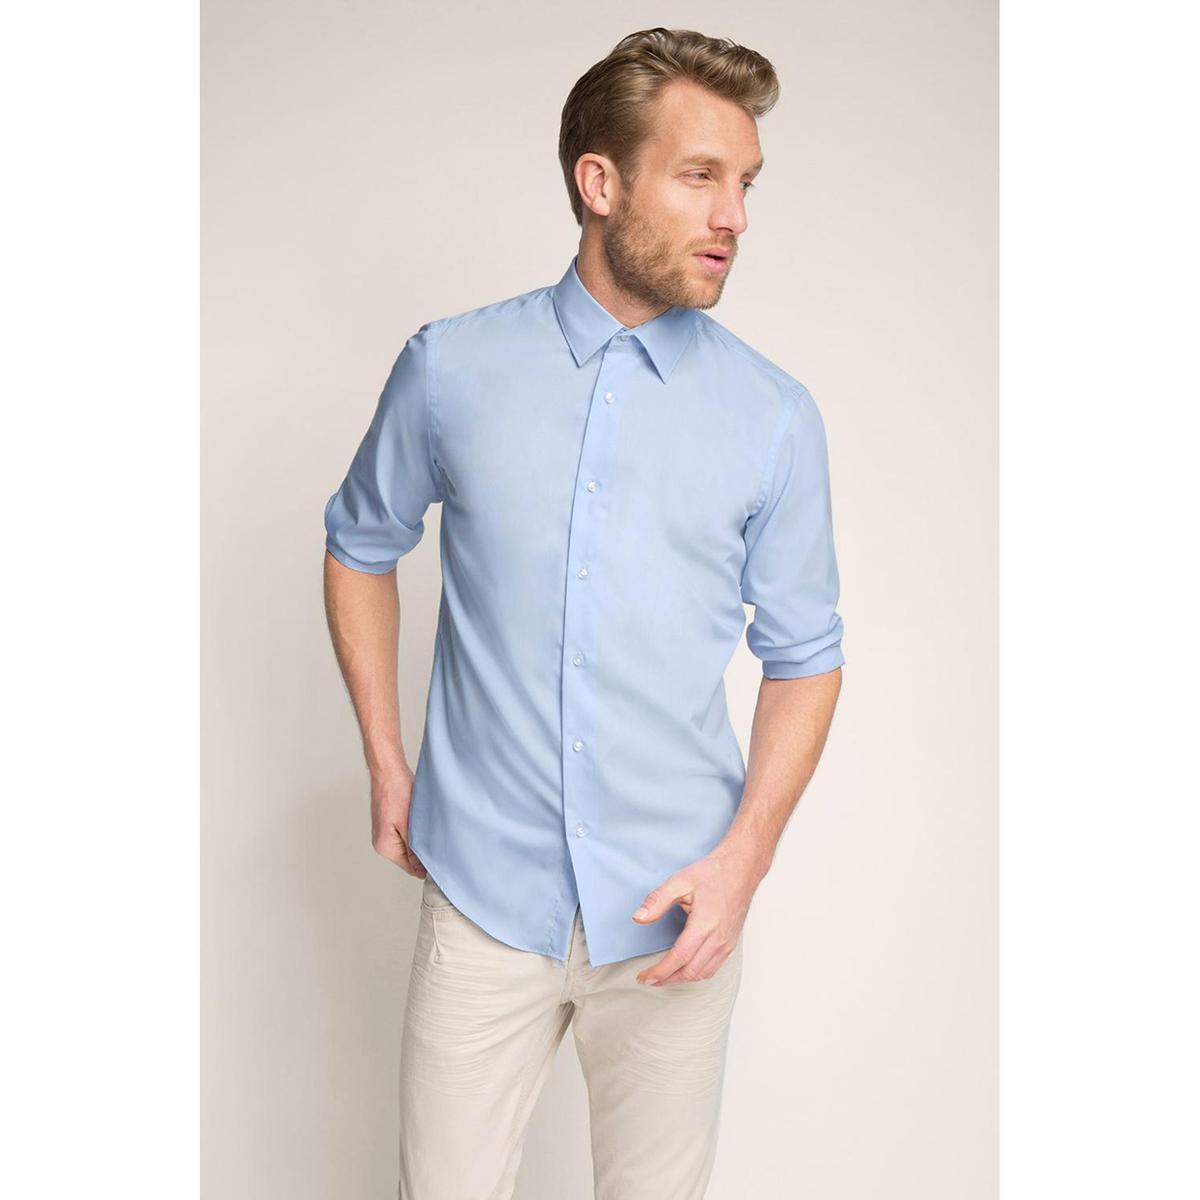 Рубашка, 100% хлопка.Рубашка  с длинными рукавами, ESPRIT. Прямой покрой, классический воротник. Манжеты на пуговицах.  Состав и описание:Материал: 100% хлопка.Марка: ESPRIT.<br><br>Цвет: небесно-голубой